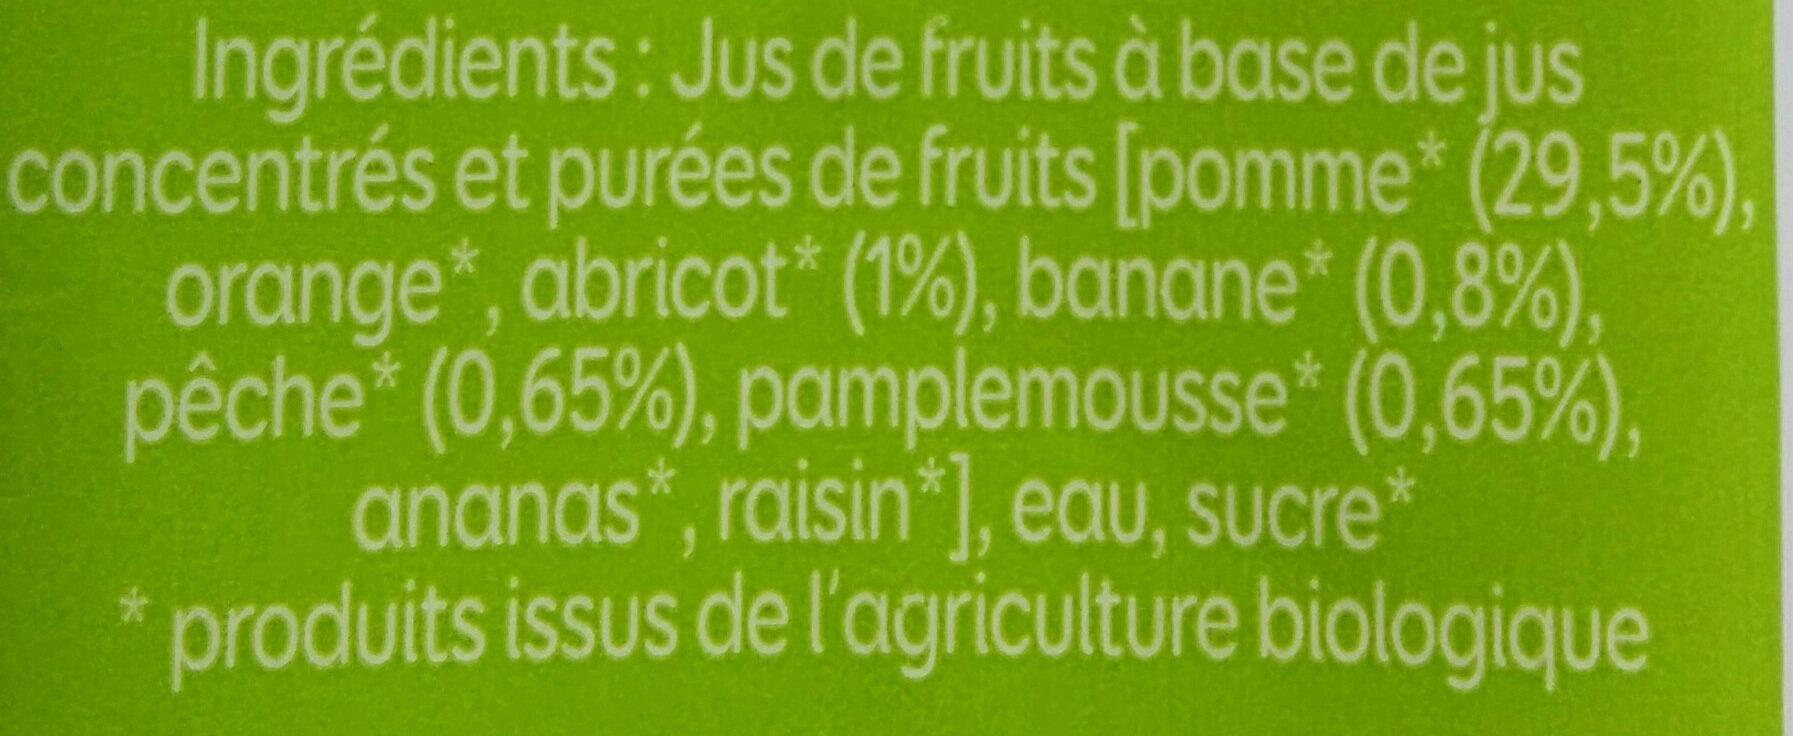 Le bio à emporter partout - Nectar multifruits - Ingrédients - fr